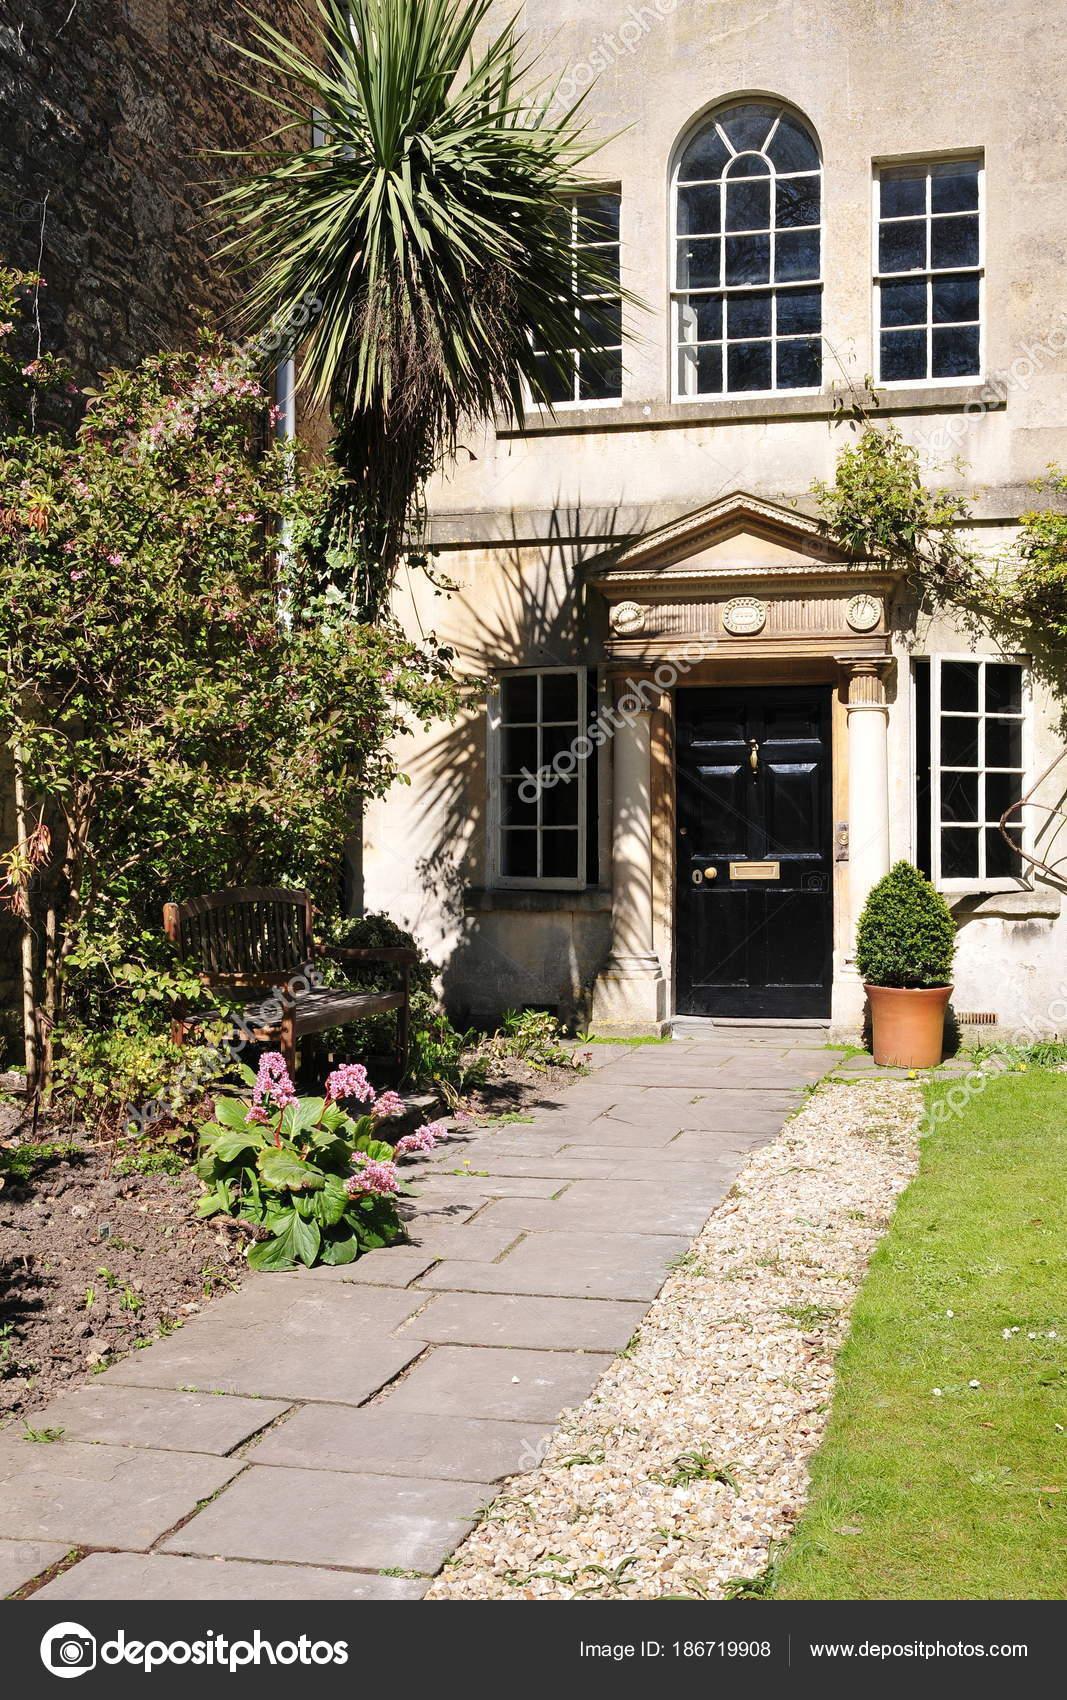 Esterno casa accogliente con windows facciata beige porta nera piante foto stock 1000words - Casa accogliente ...